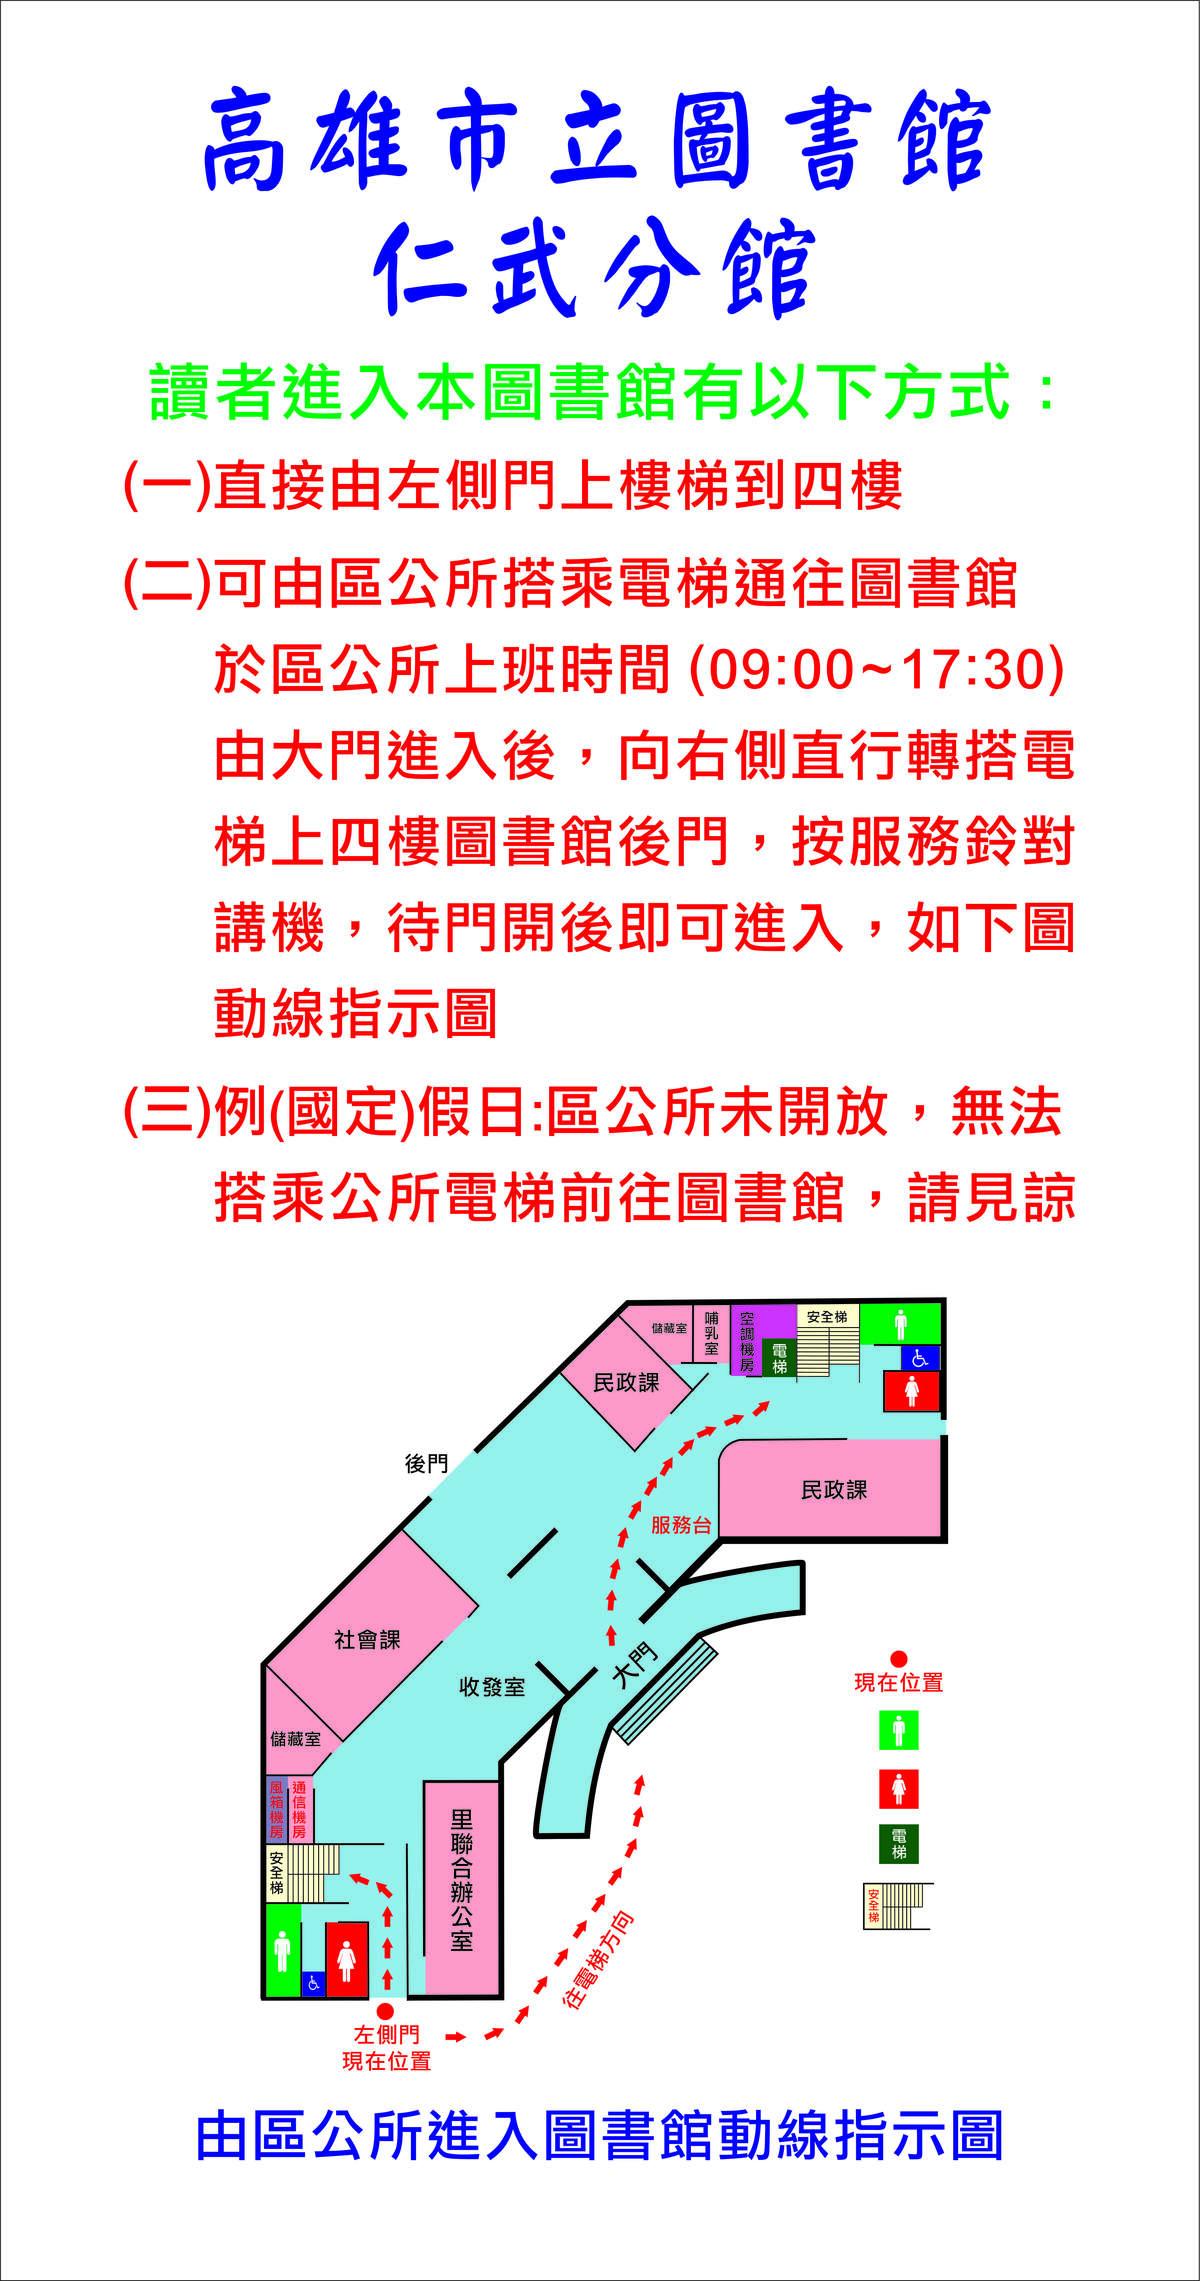 入館指示圖片說明